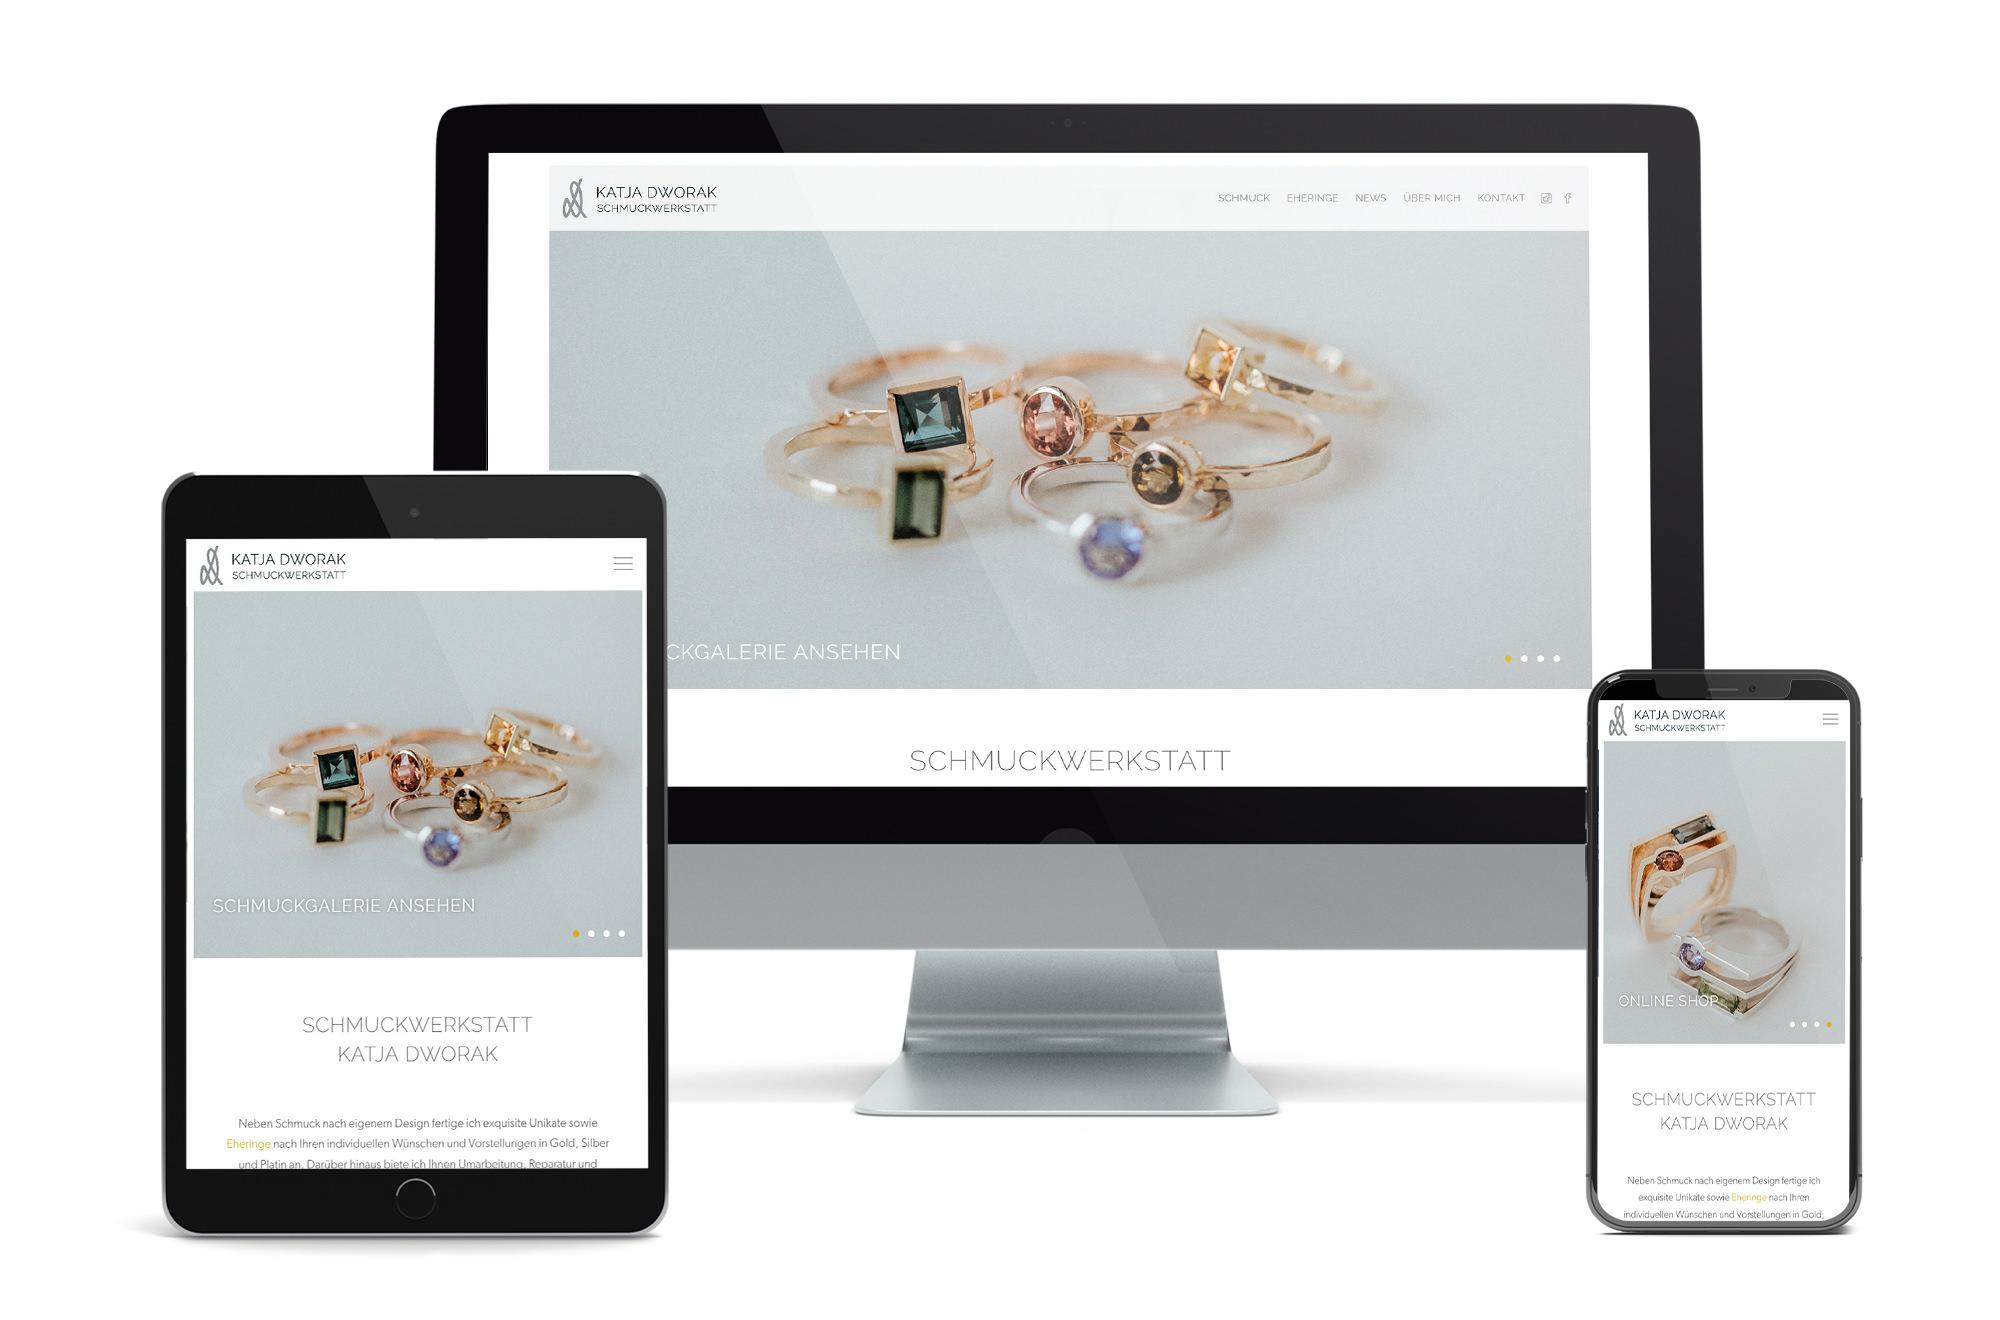 Webdesign Beispiel: Neue Website für Schmuck, Eheringe & Schmuck Reparatur Wien